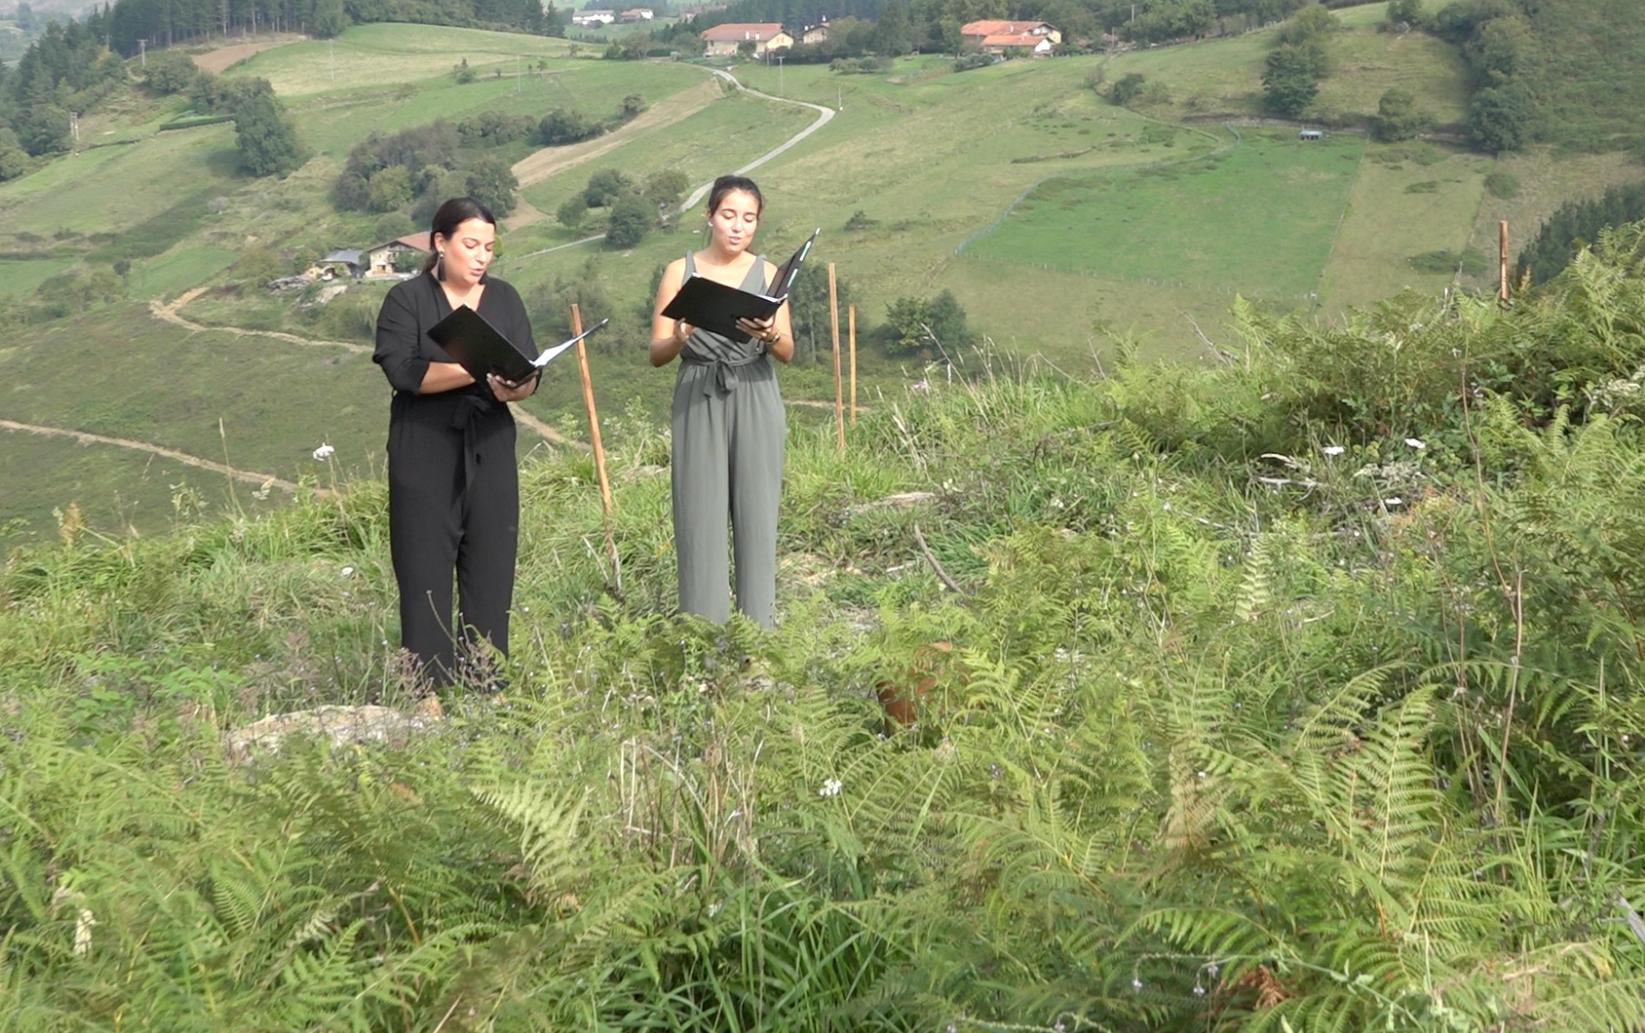 Inaugurado en Muxika 'Impredecible basoa', una iniciativa para compensar el impacto de la huella de carbono estimulado por la acción humana